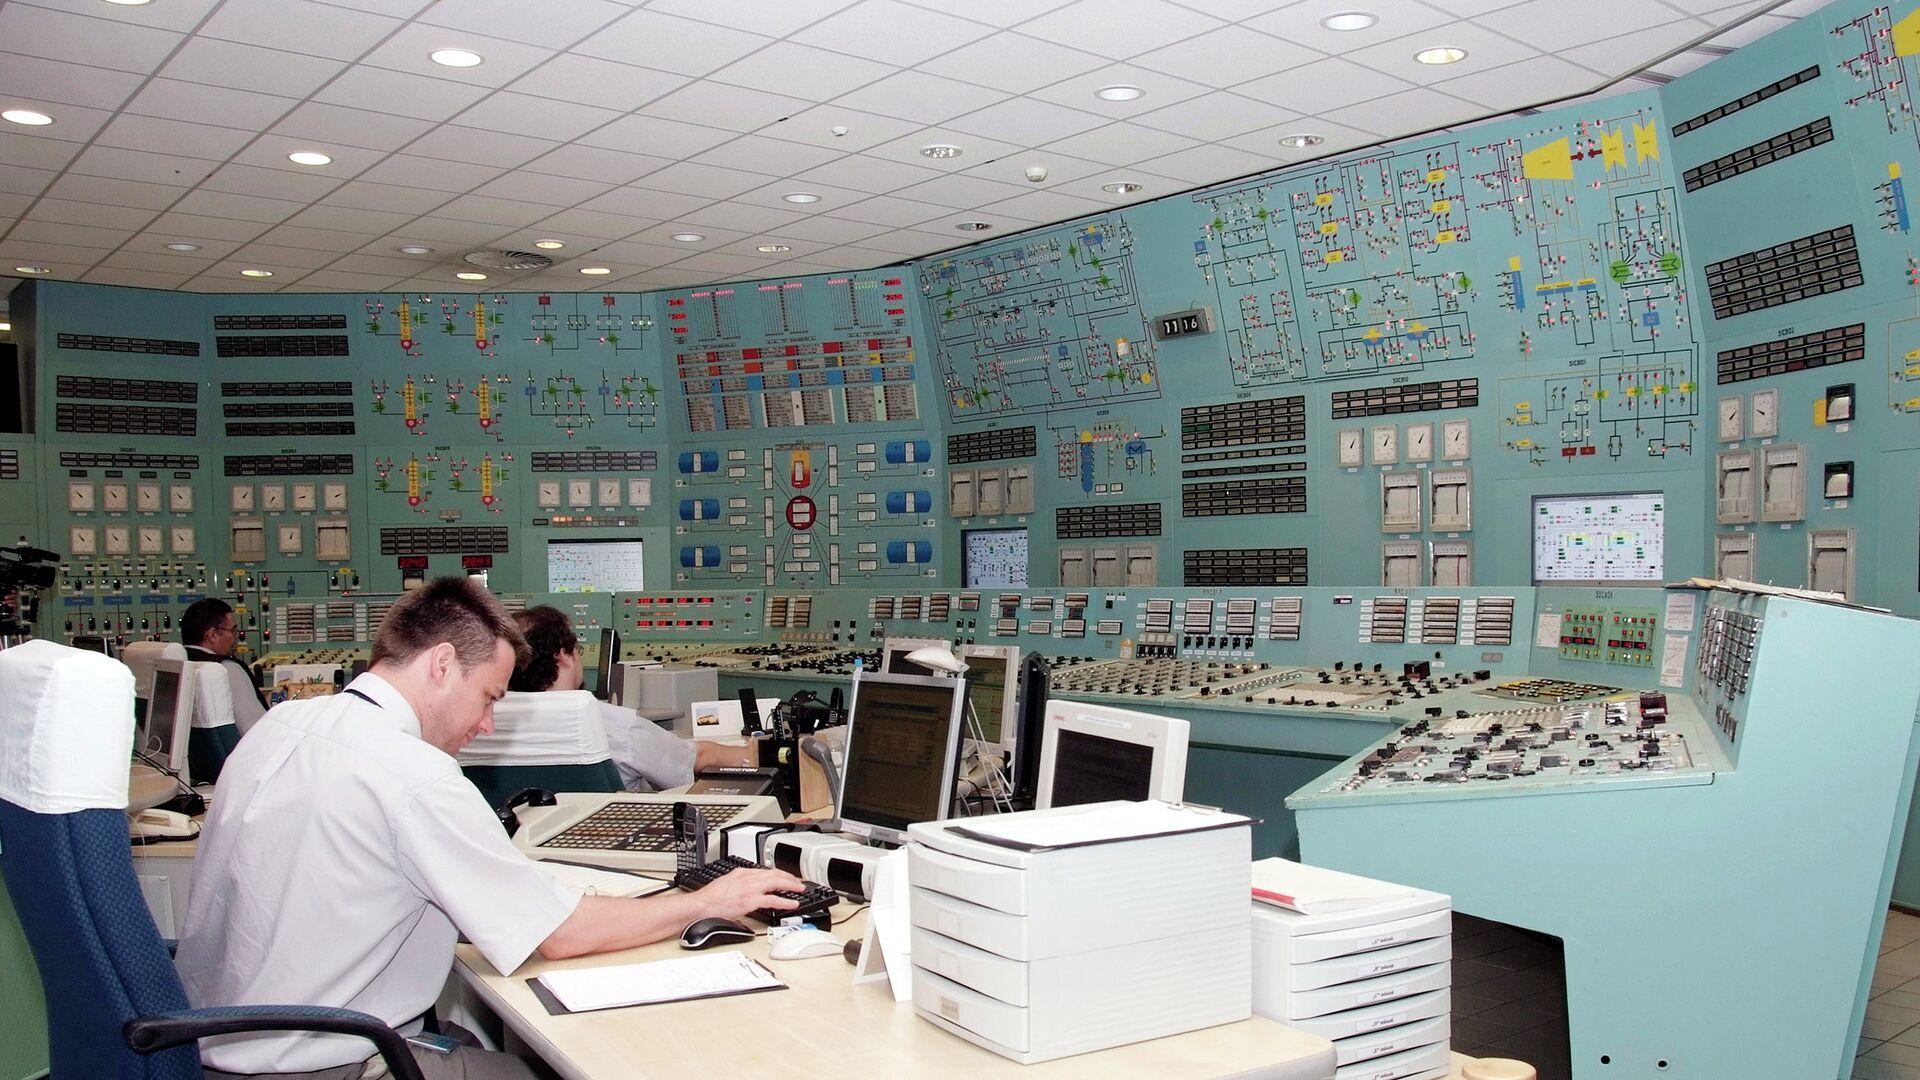 Атомная электростанция Пакш в Венгрии, архивное фото - РИА Новости, 1920, 04.04.2017